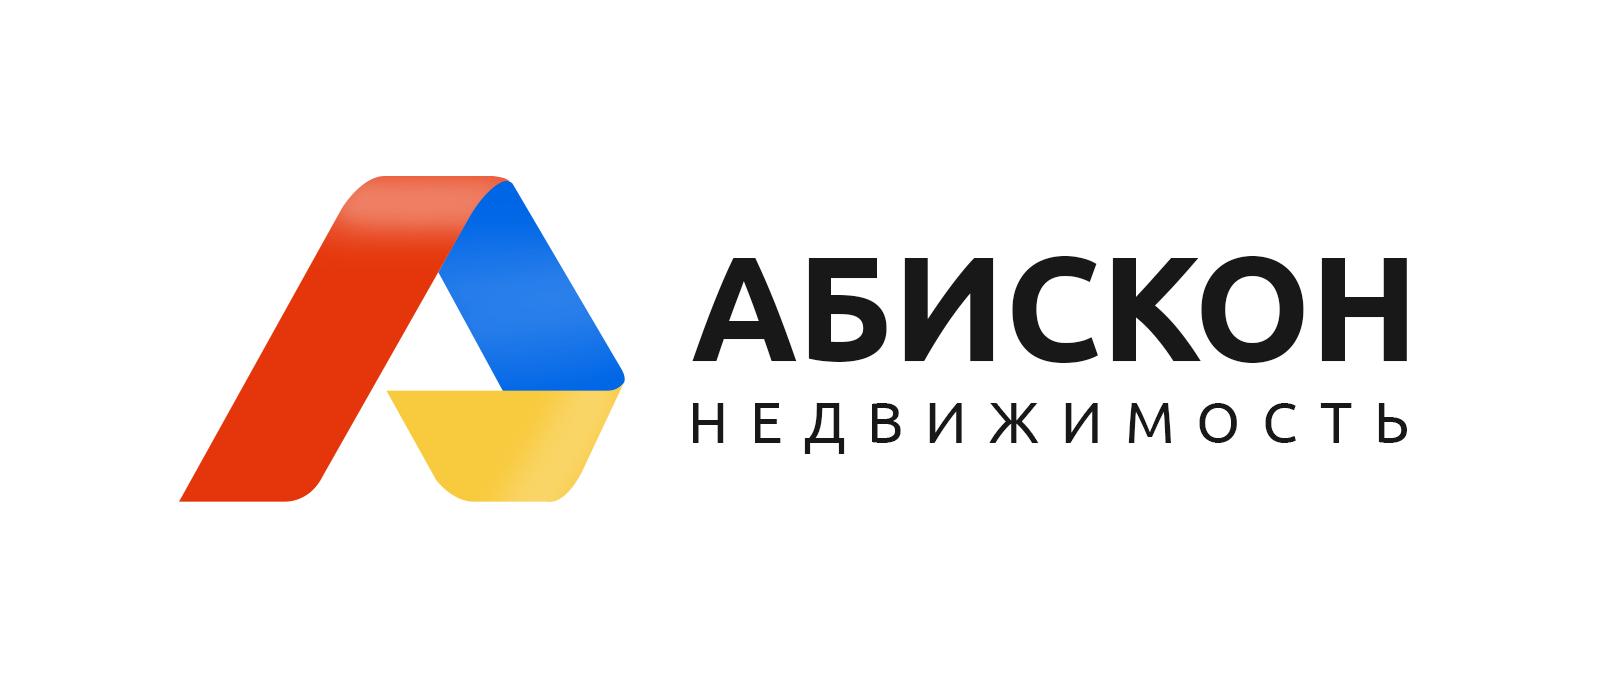 Агентства недвижимости в Челябинске